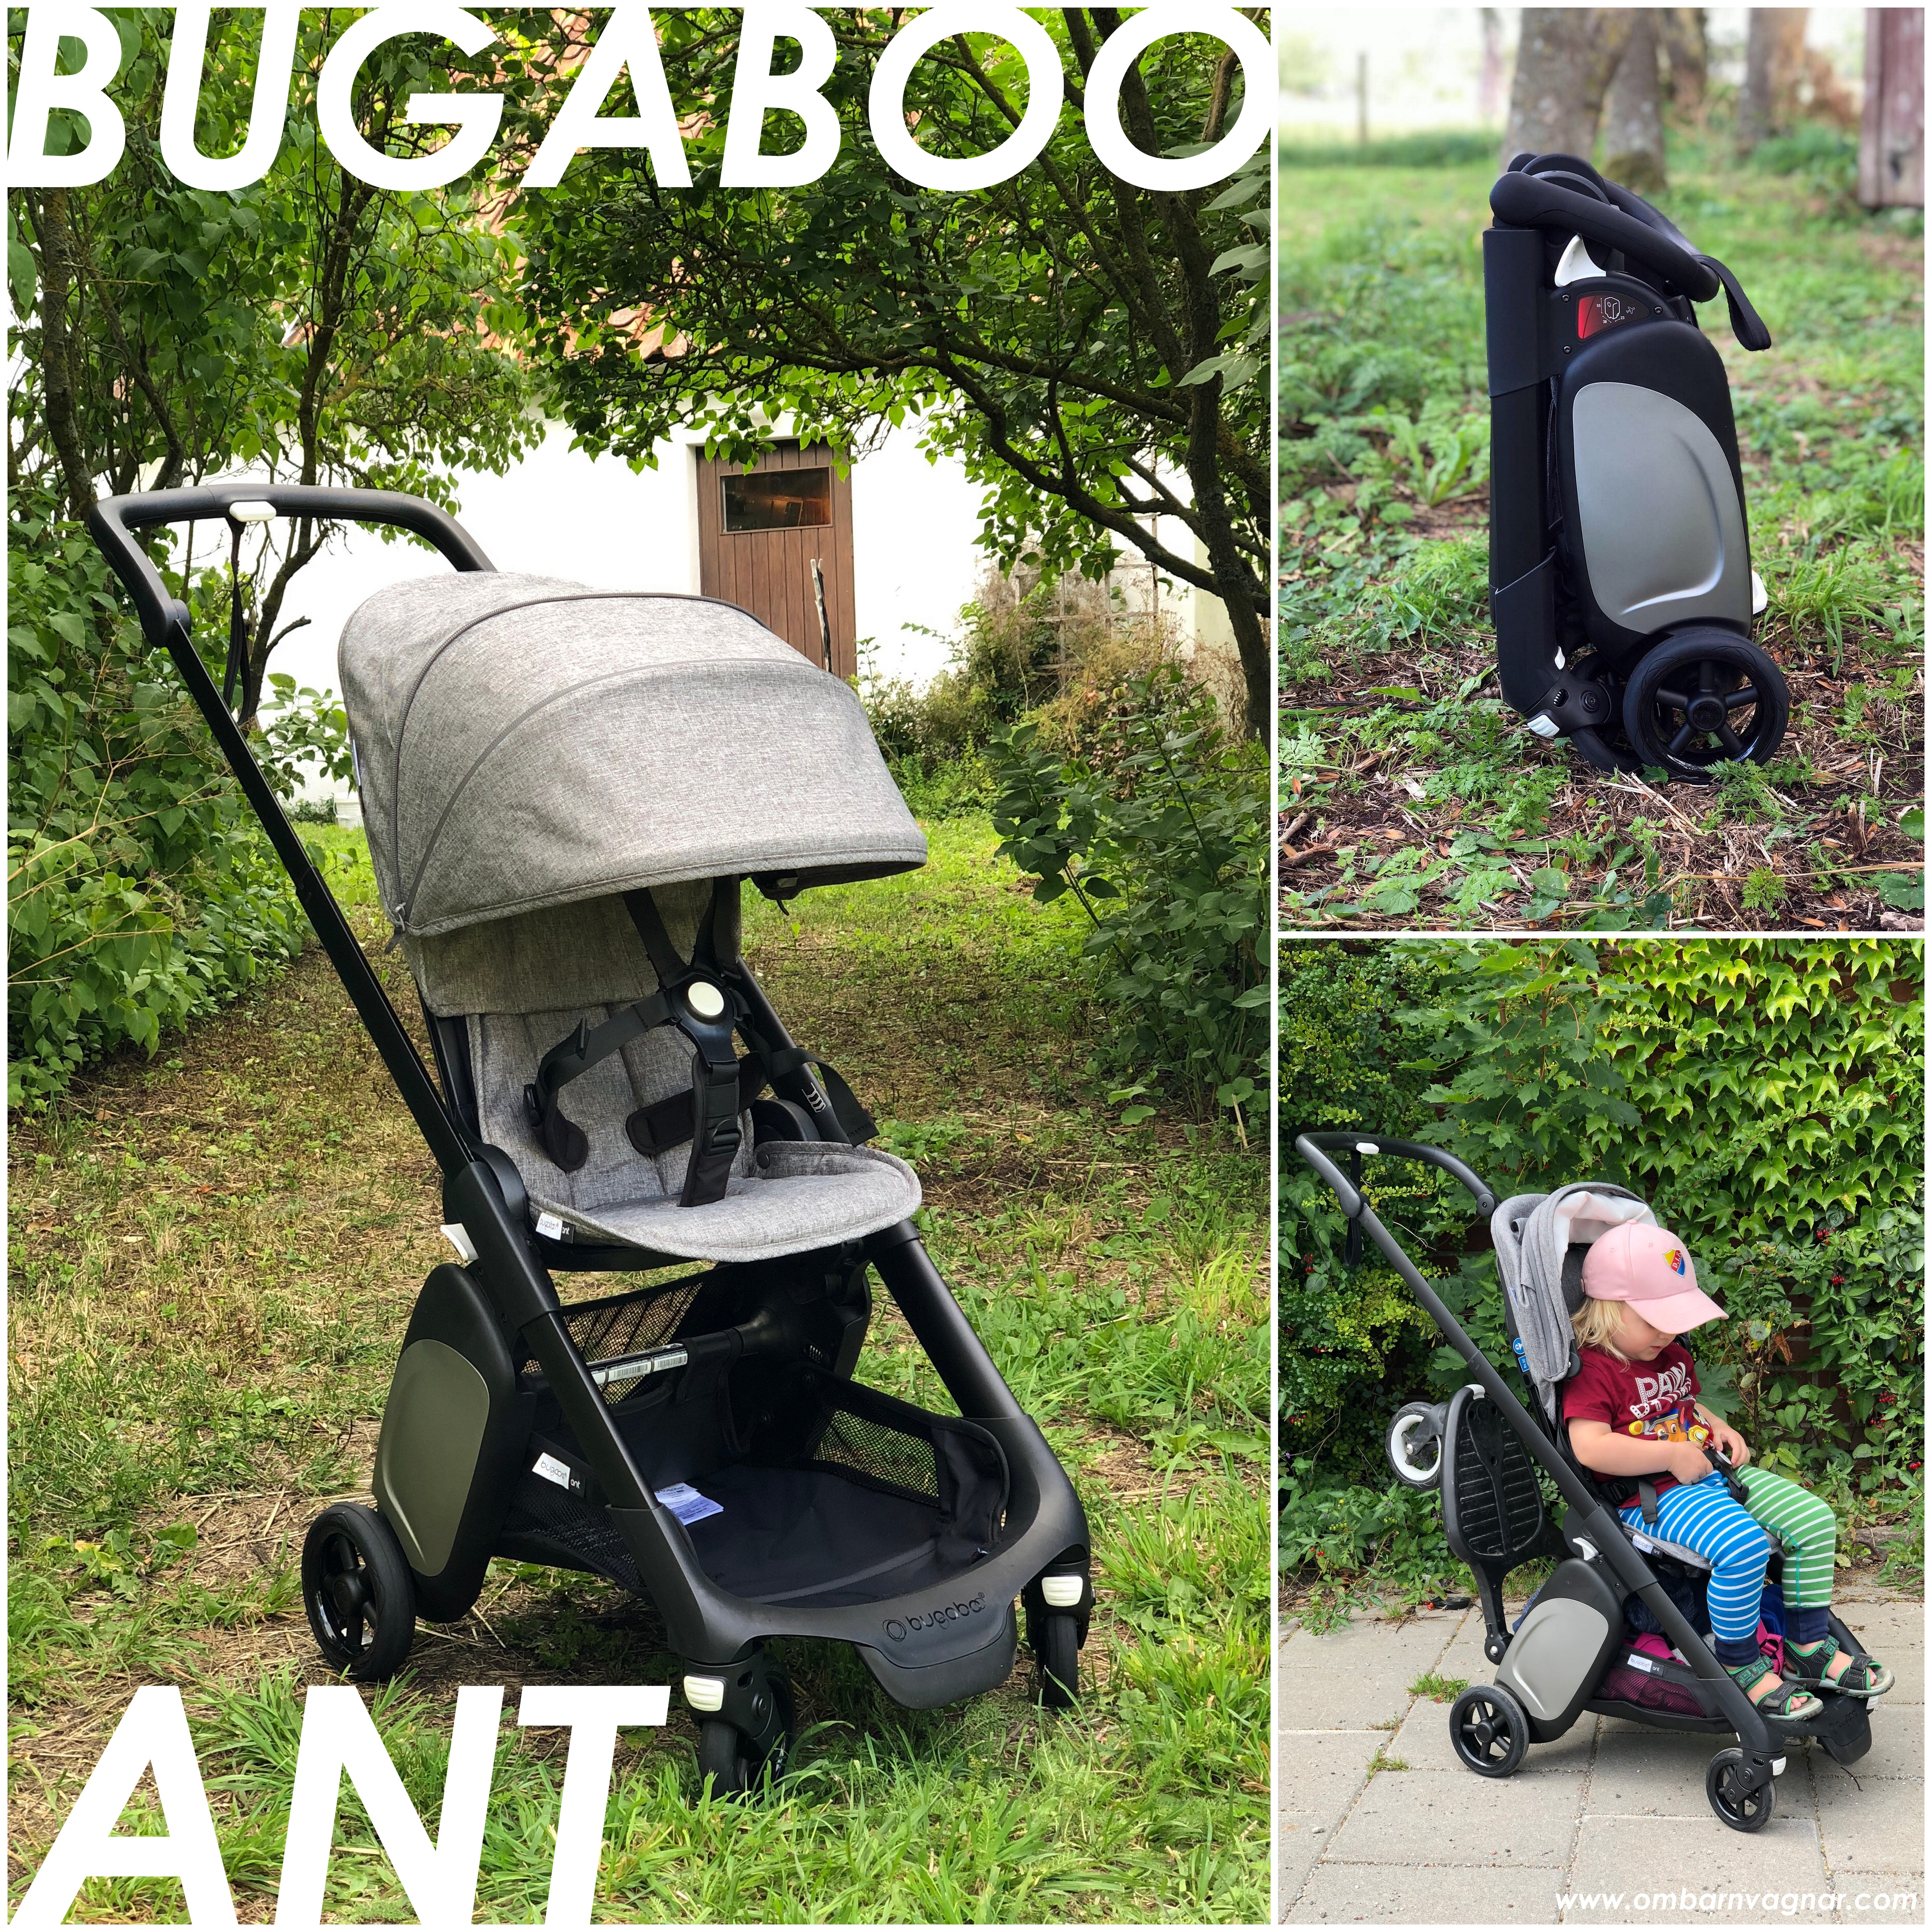 Recension av Bugaboo Ant